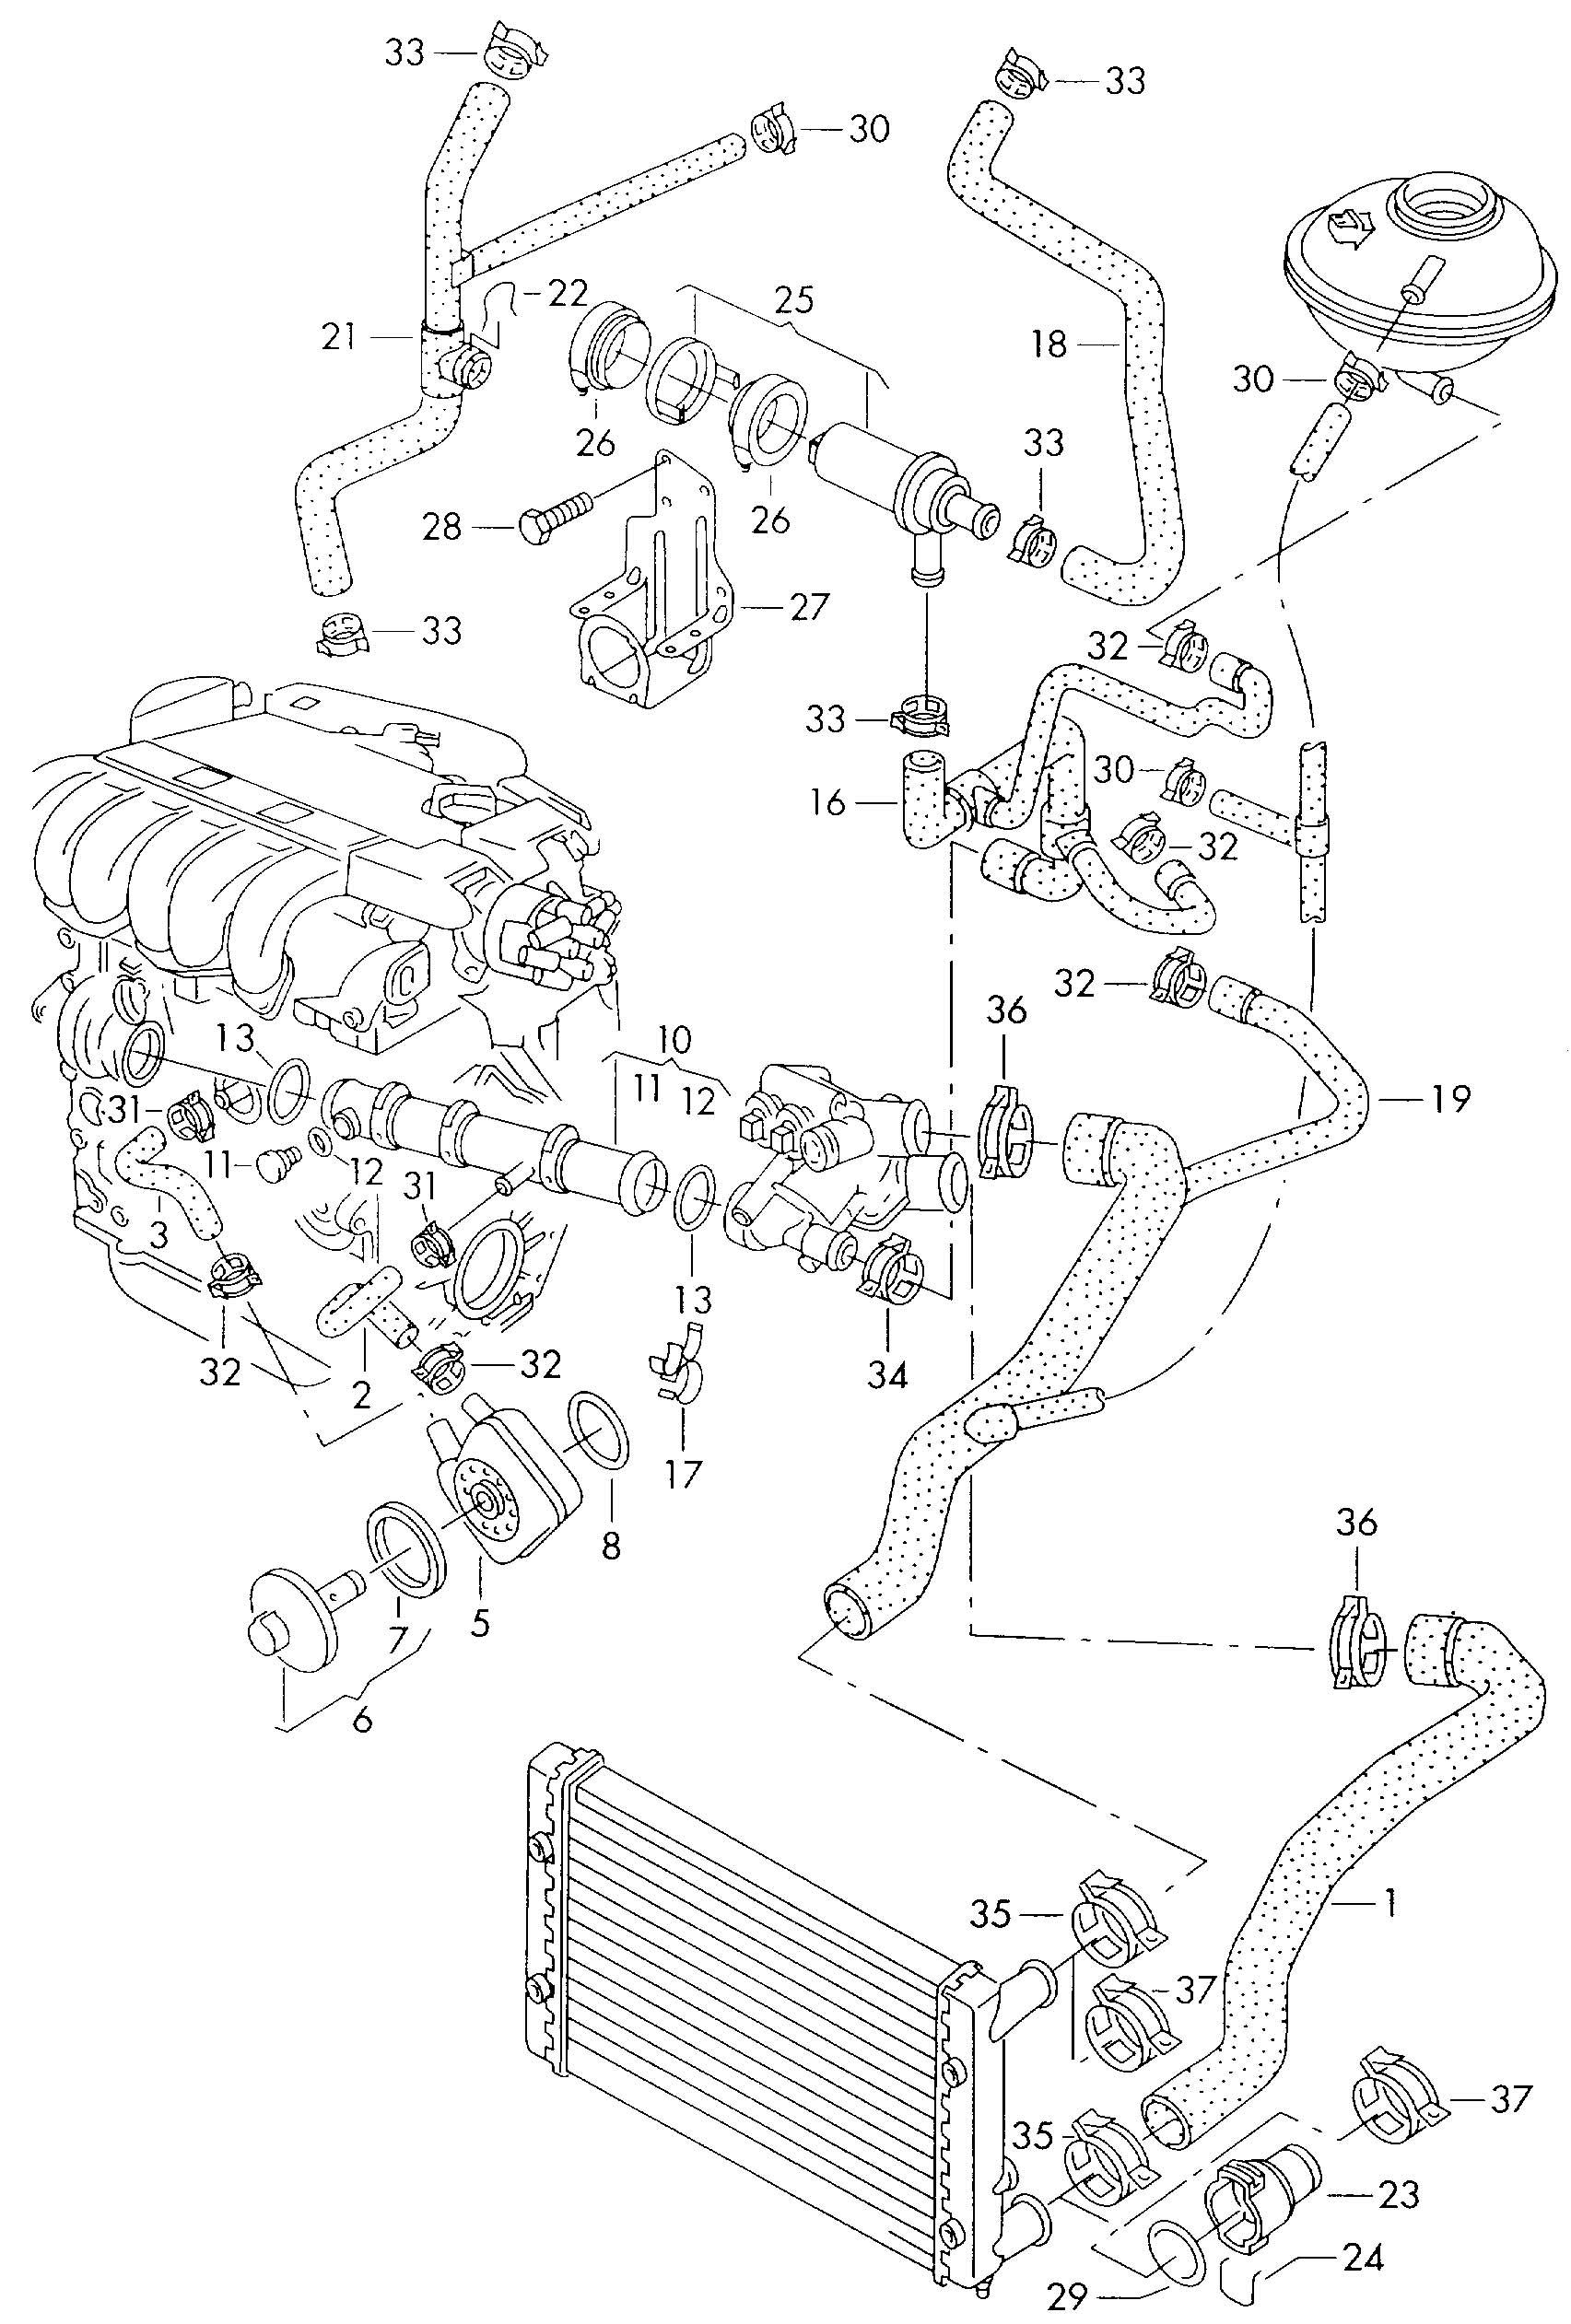 1993 Volkswagen Passat  Reservoir  U0026gt  Throttle Valve Water